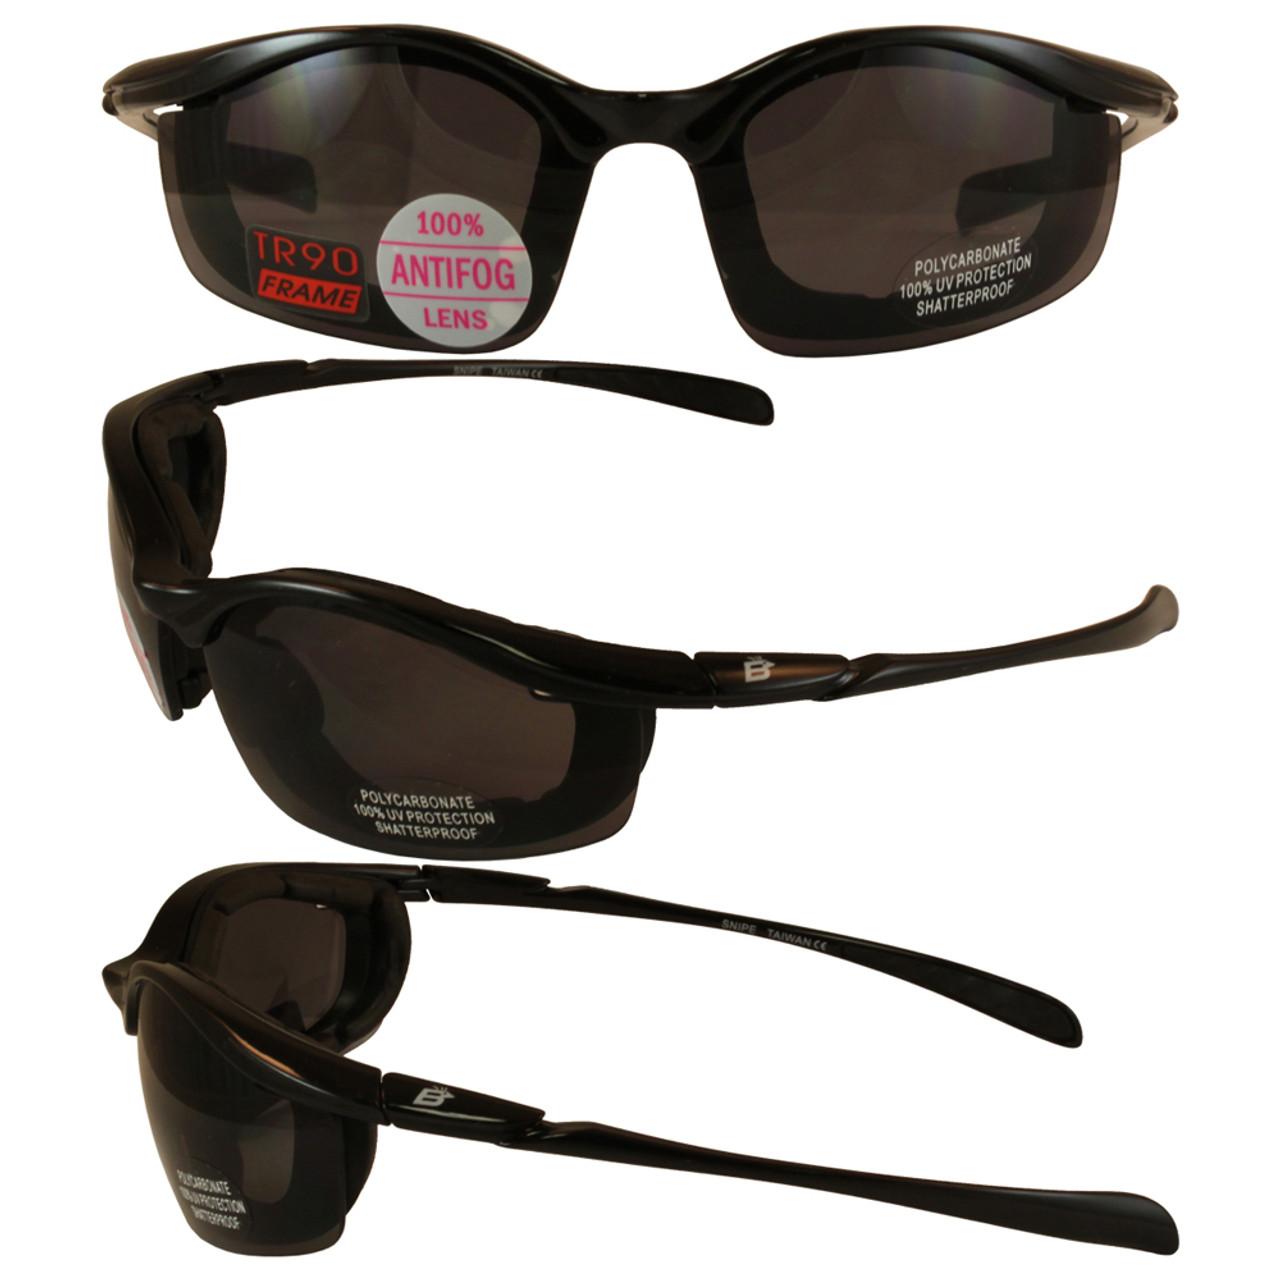 7c1da501c6 Snipe - Birdz Eyewear